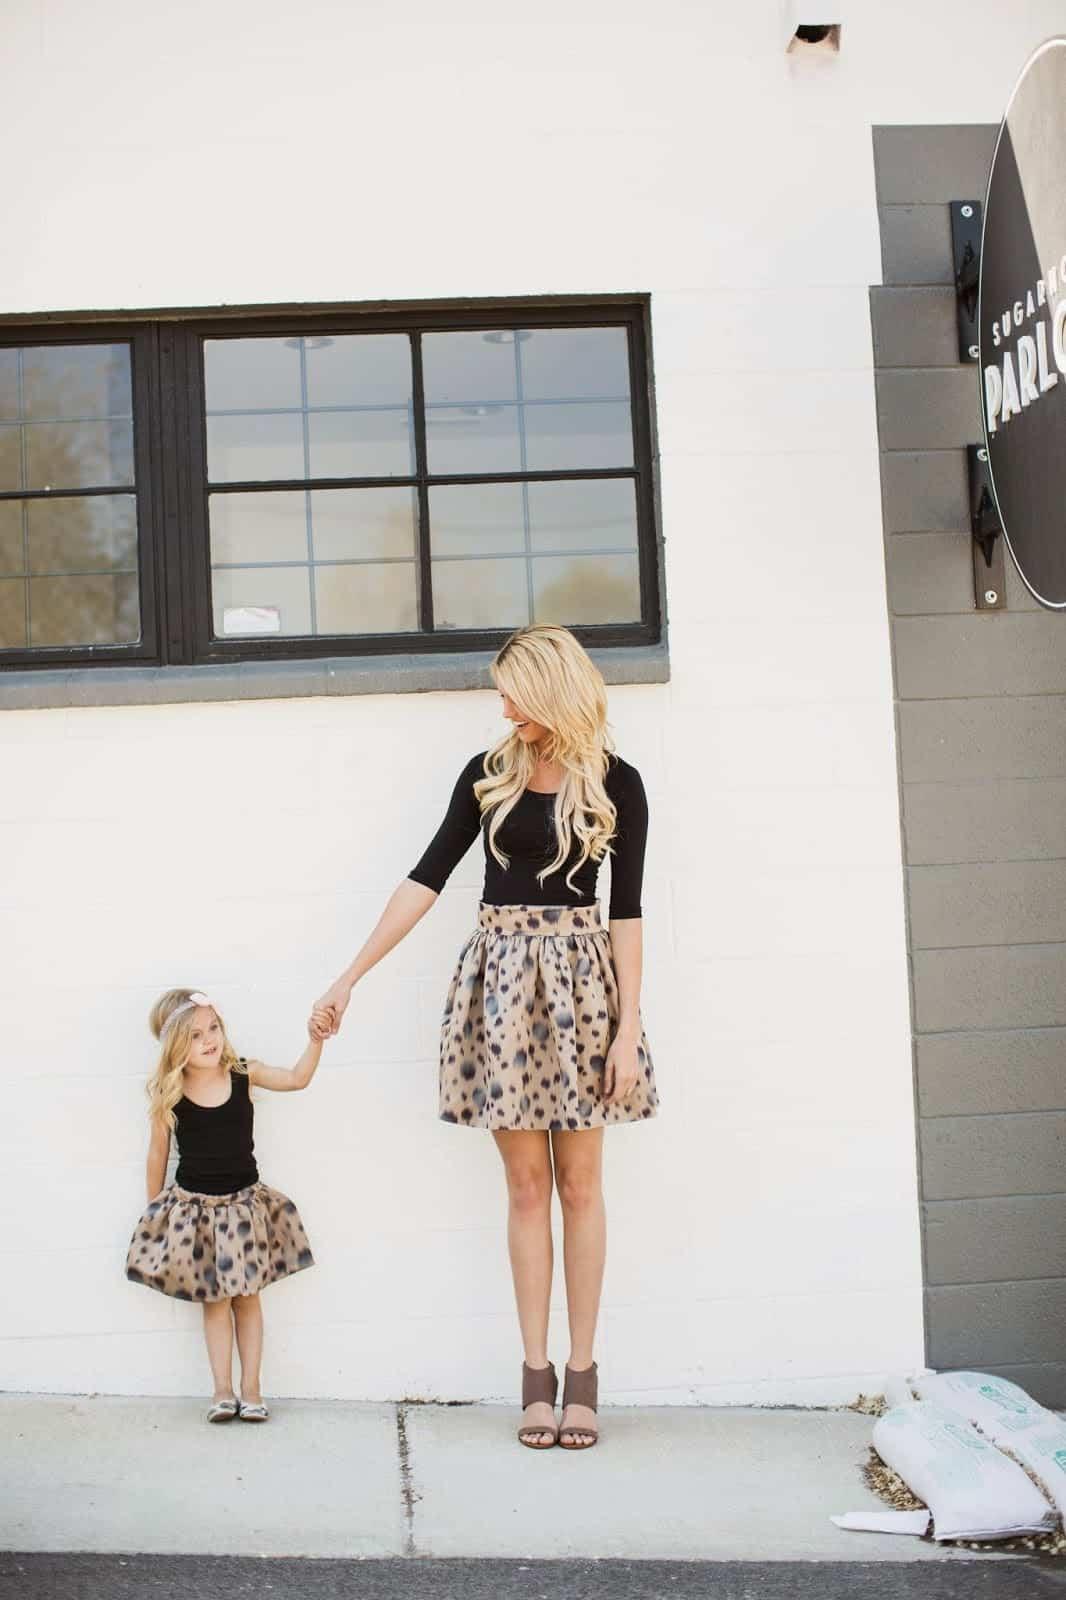 dddddddddddddd 100 Cutest Matching Mother Daughter Outfits on Internet So Far